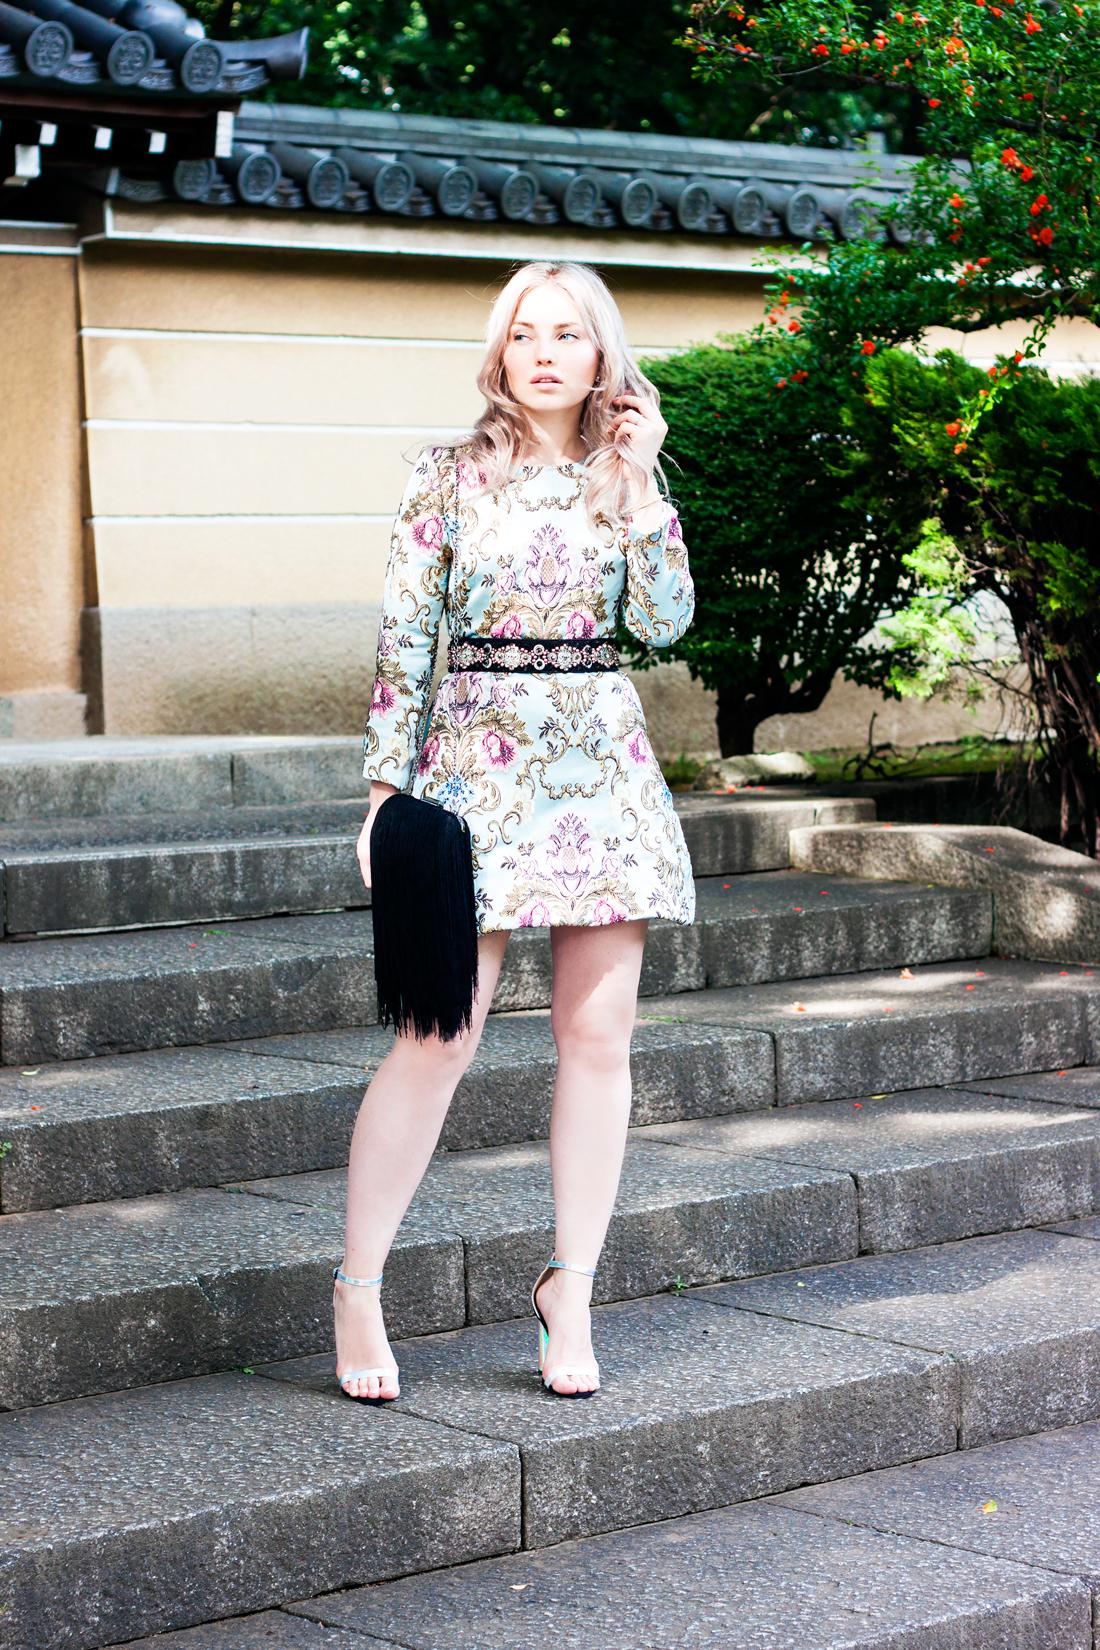 Jacquard dress, tokyo, japan, japan temple, japan sightseeing, fringe bag, fringe clutch, blonde waves, tokyo fashion, silver heels, pearl belt, tokyo fashion blog